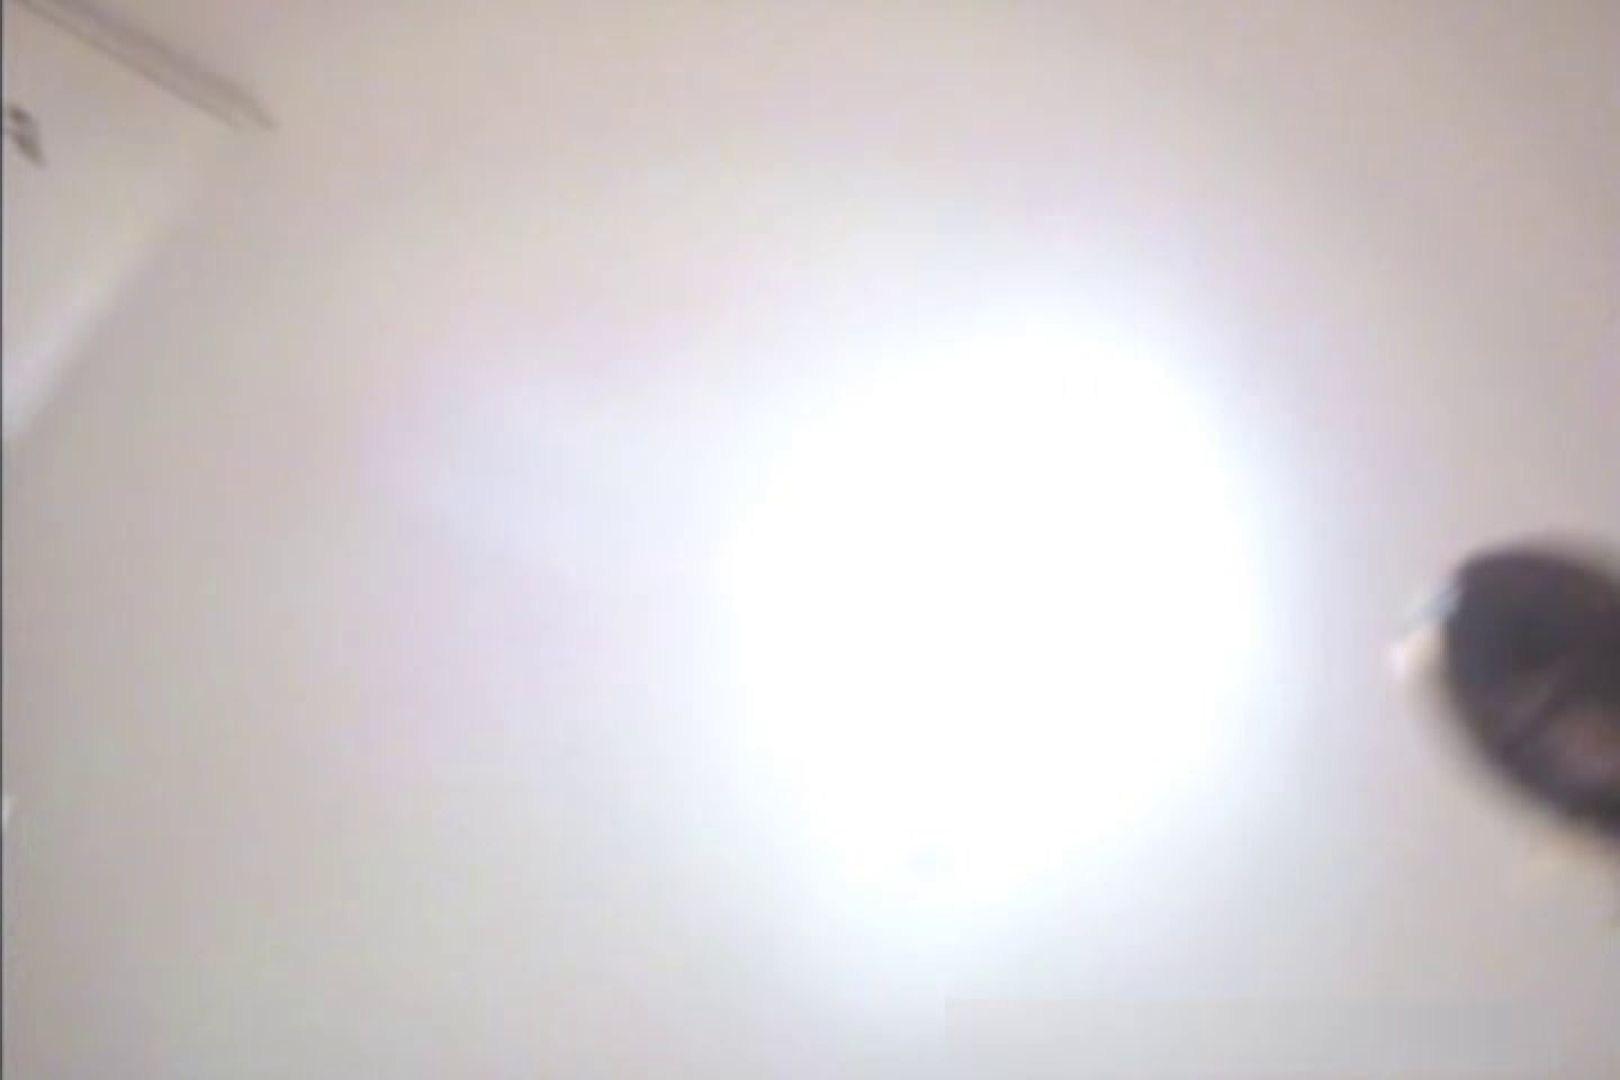 バモスさん投稿!パンチラの真髄!ショップ店員攻略法!VOL.01 エロいOL ワレメ動画紹介 57枚